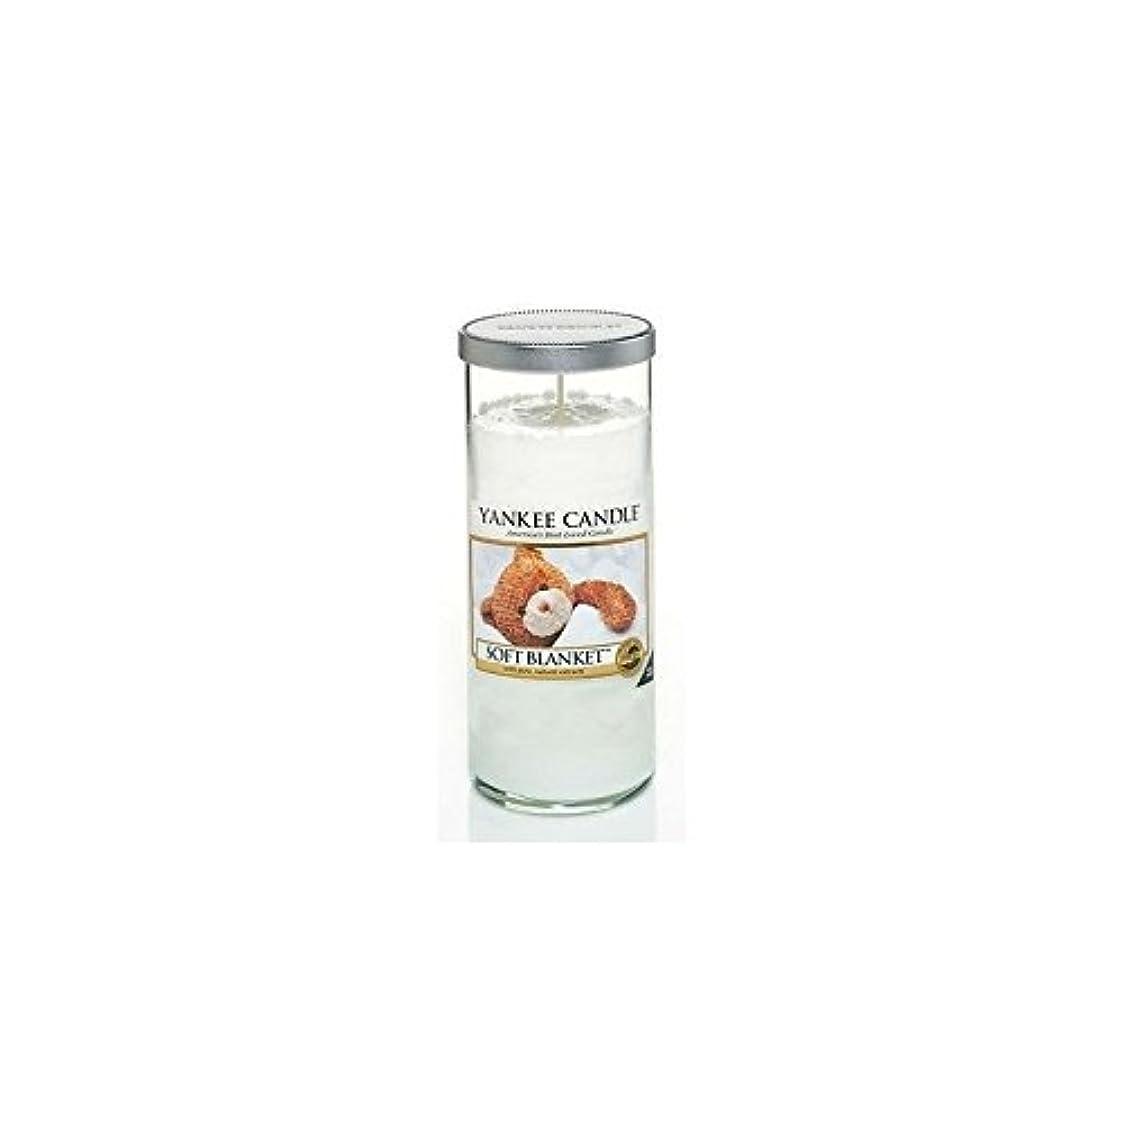 債務直立逃れるYankee Candles Large Pillar Candle - Soft Blanket (Pack of 2) - ヤンキーキャンドル大きな柱キャンドル - ソフト毛布 (x2) [並行輸入品]